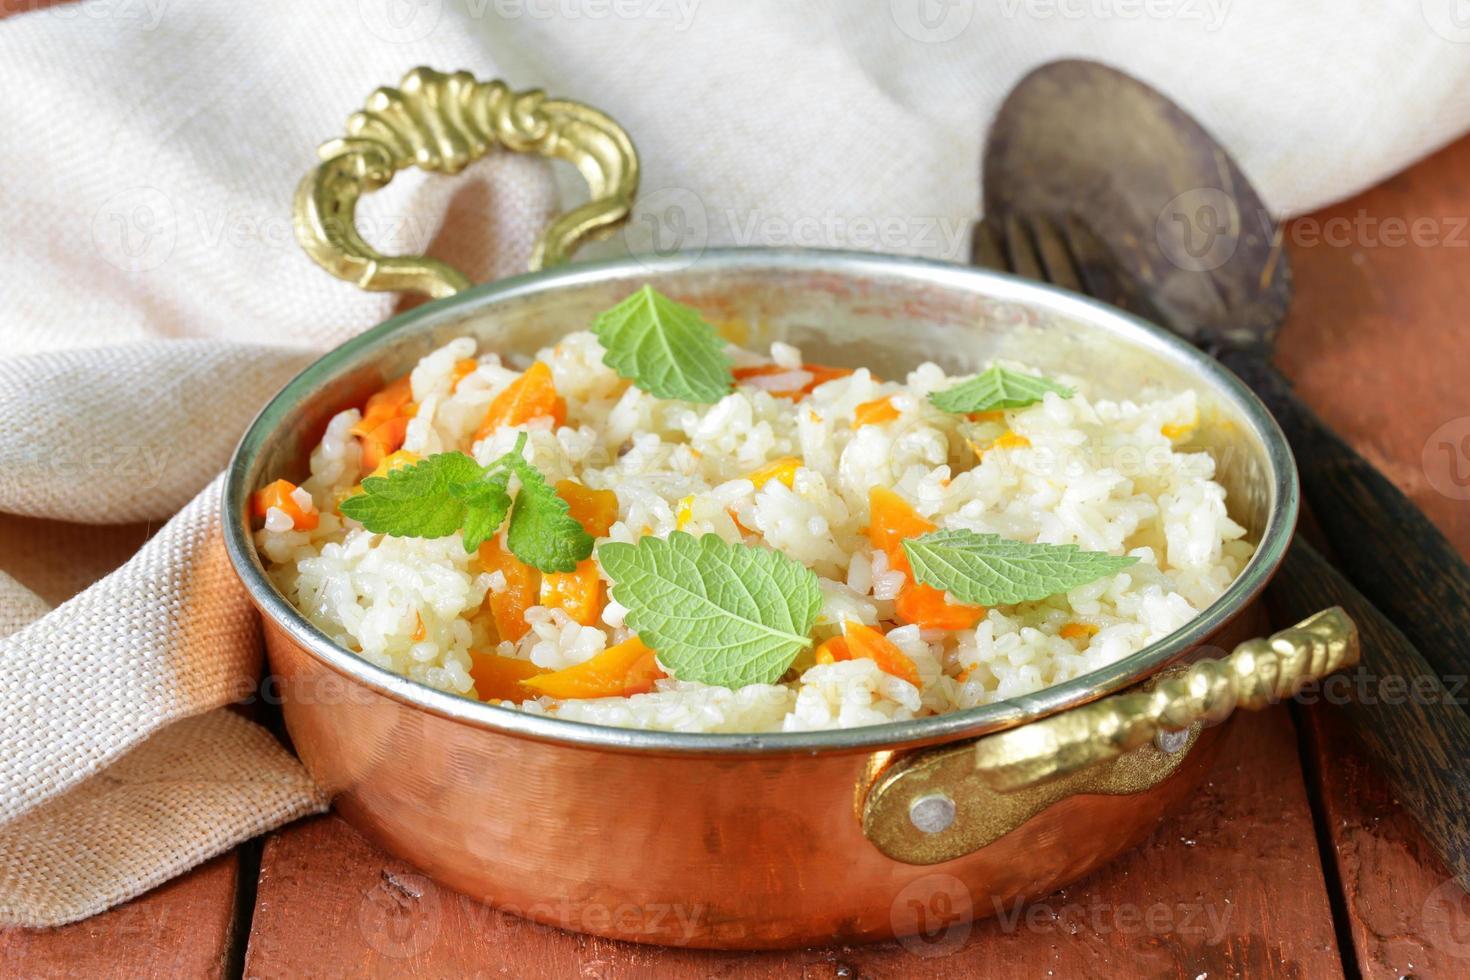 arroz com legumes cozidos em estilo indiano em uma panela de cobre foto